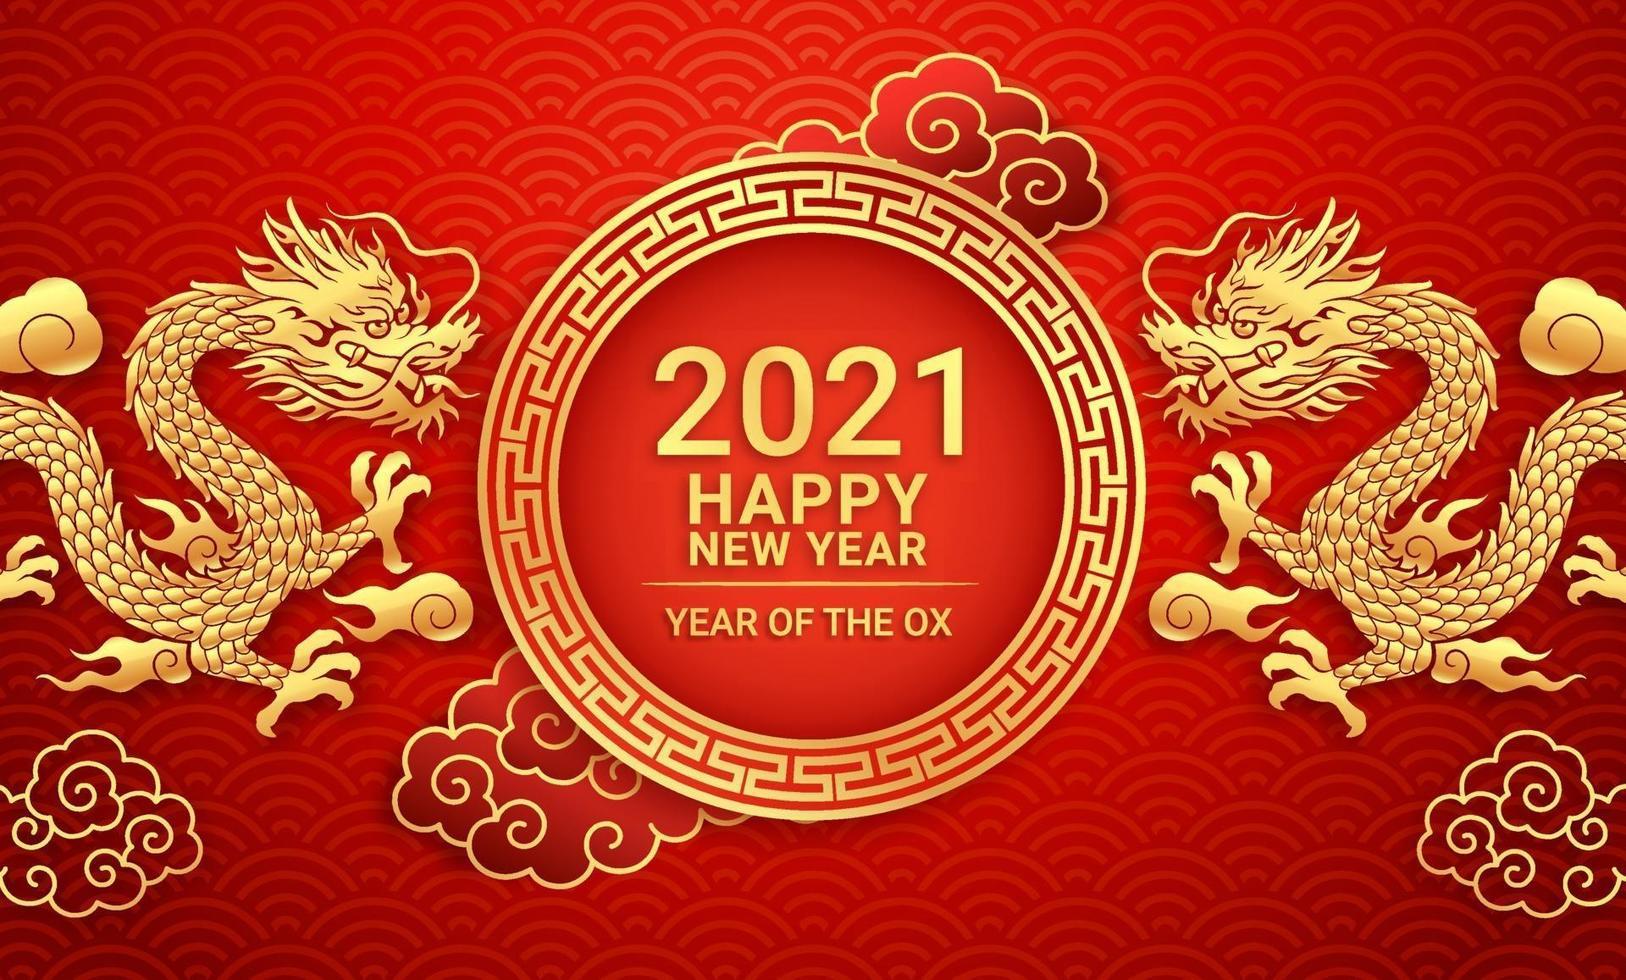 kinesiskt nyår 2021 gyllene drake på gratulationskort bakgrund. vektor illustrationer.